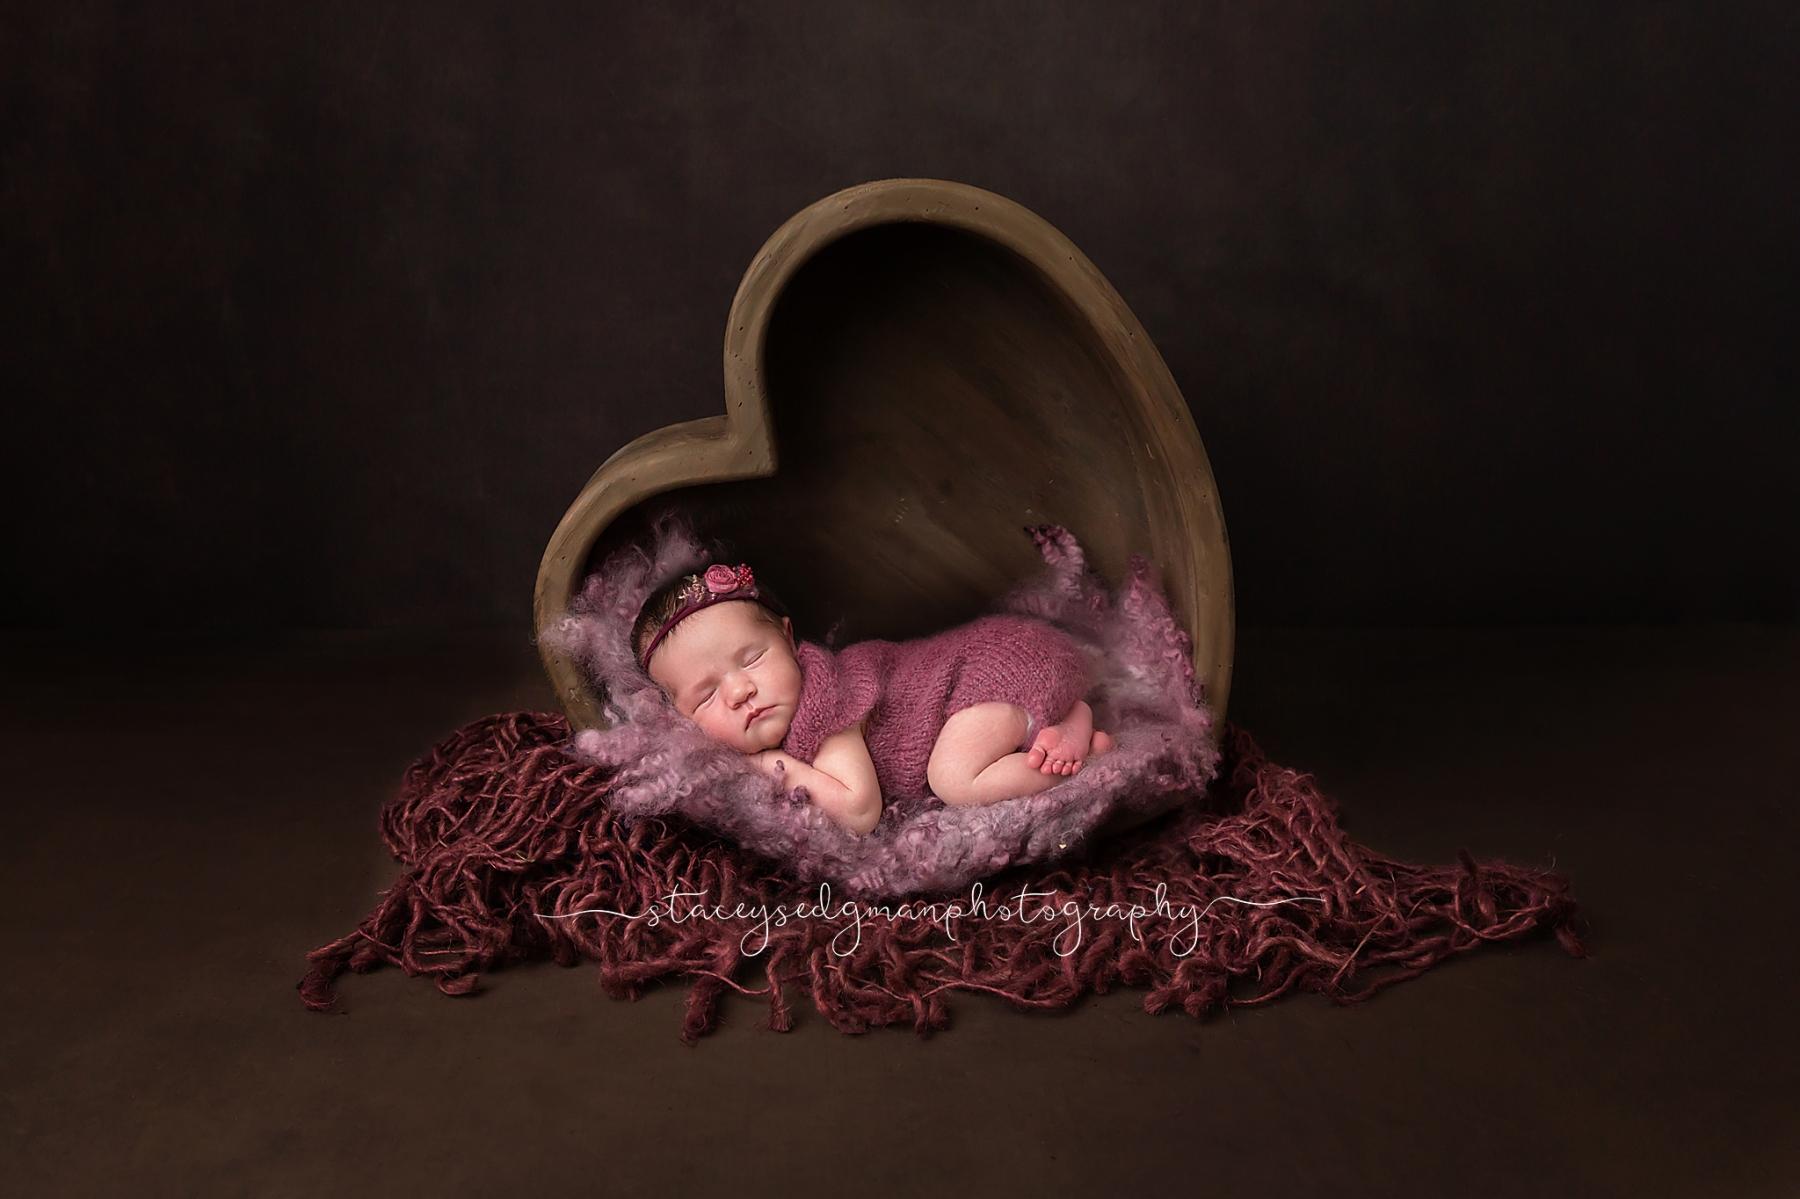 Baby in purple romper laying in wooden heart on dark backdrop